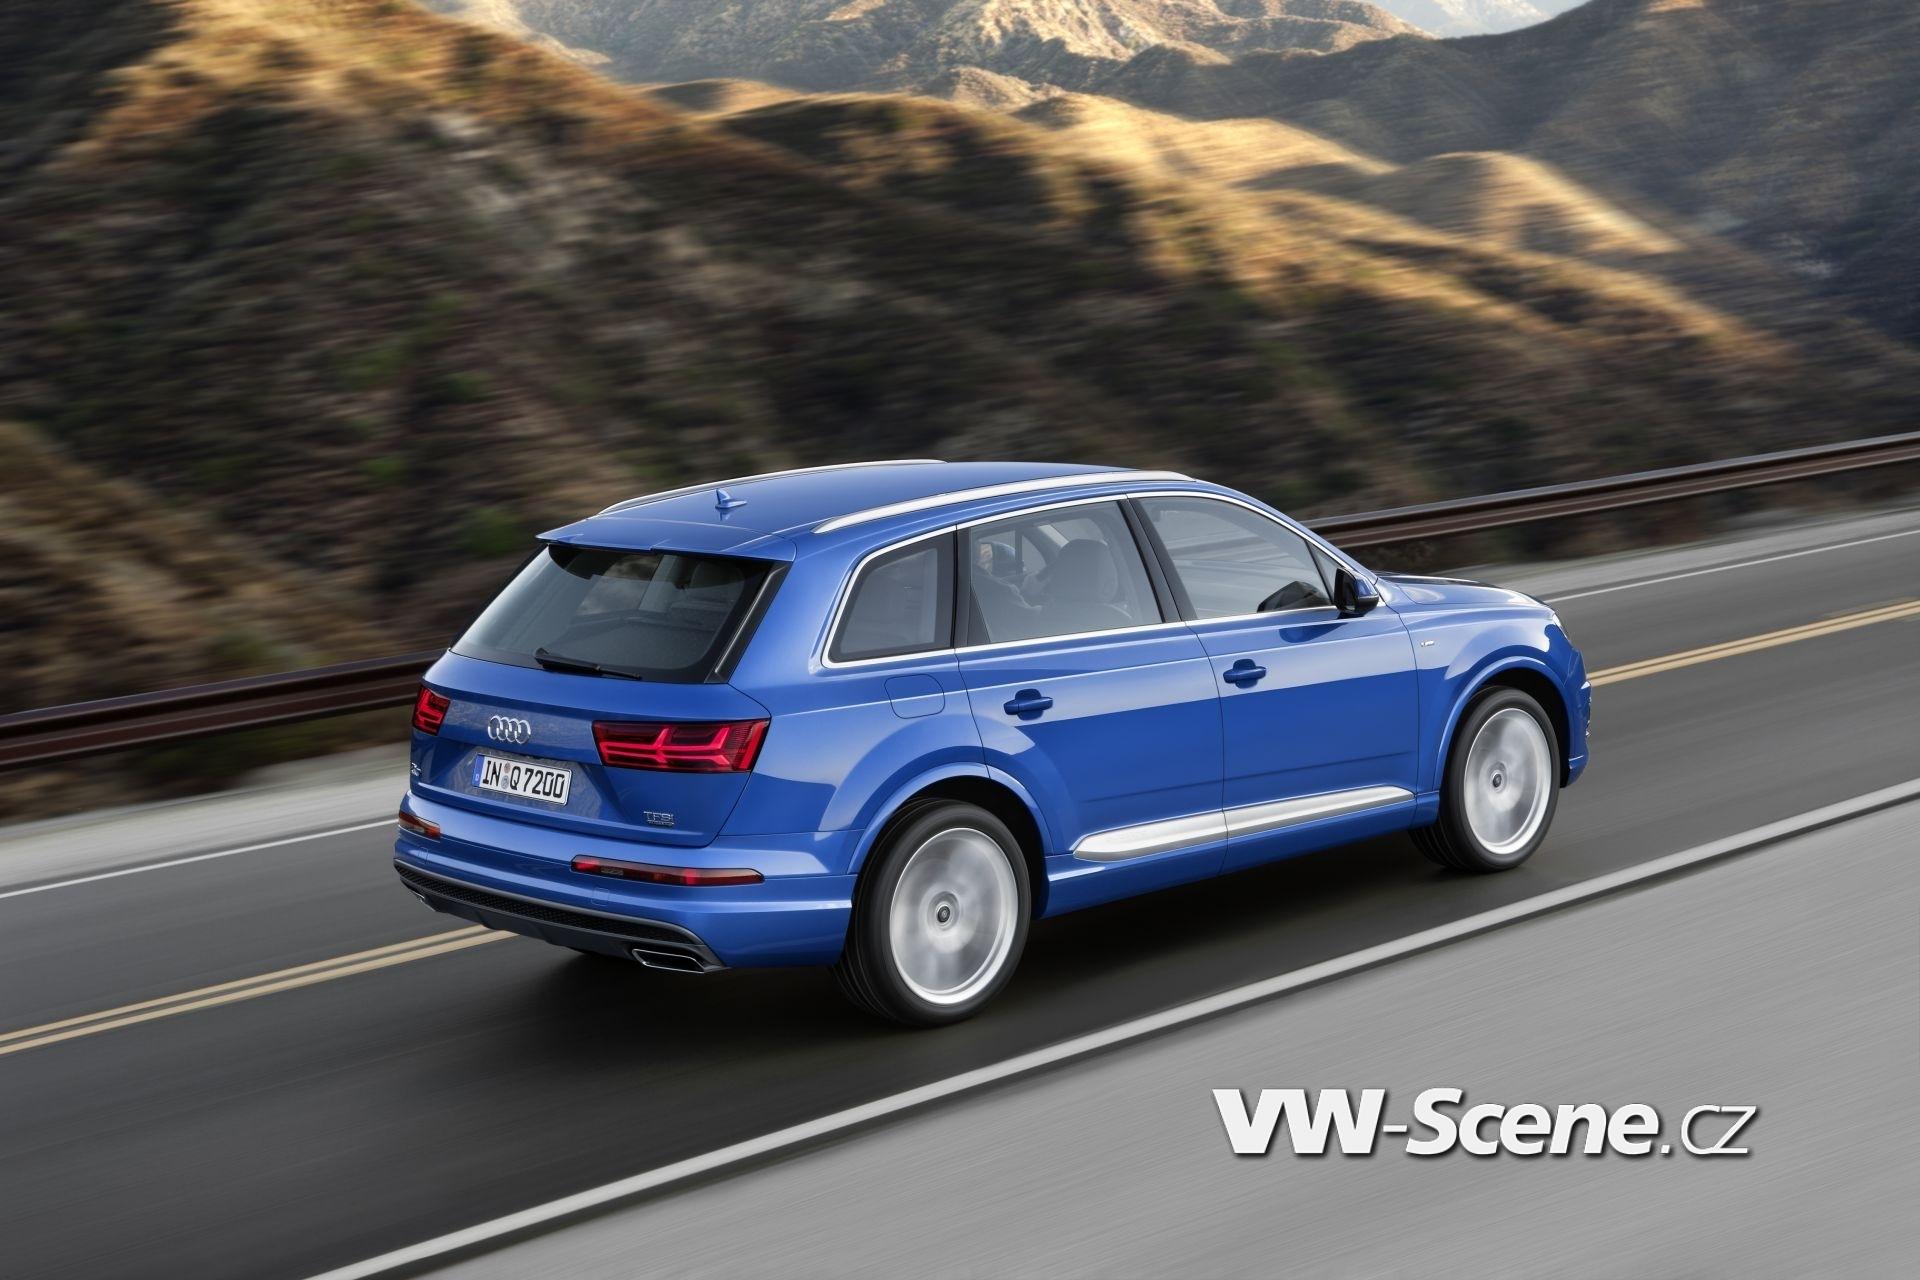 Fahraufnahme    Farbe: Arablau Kristalleffekt    Verbrauchsangaben Audi Q7:Kraftstoffverbrauch in l/100km kombiniert: 8,3 ? 5,7;CO2-Emissionen in g/km kombiniert: 183 - 149